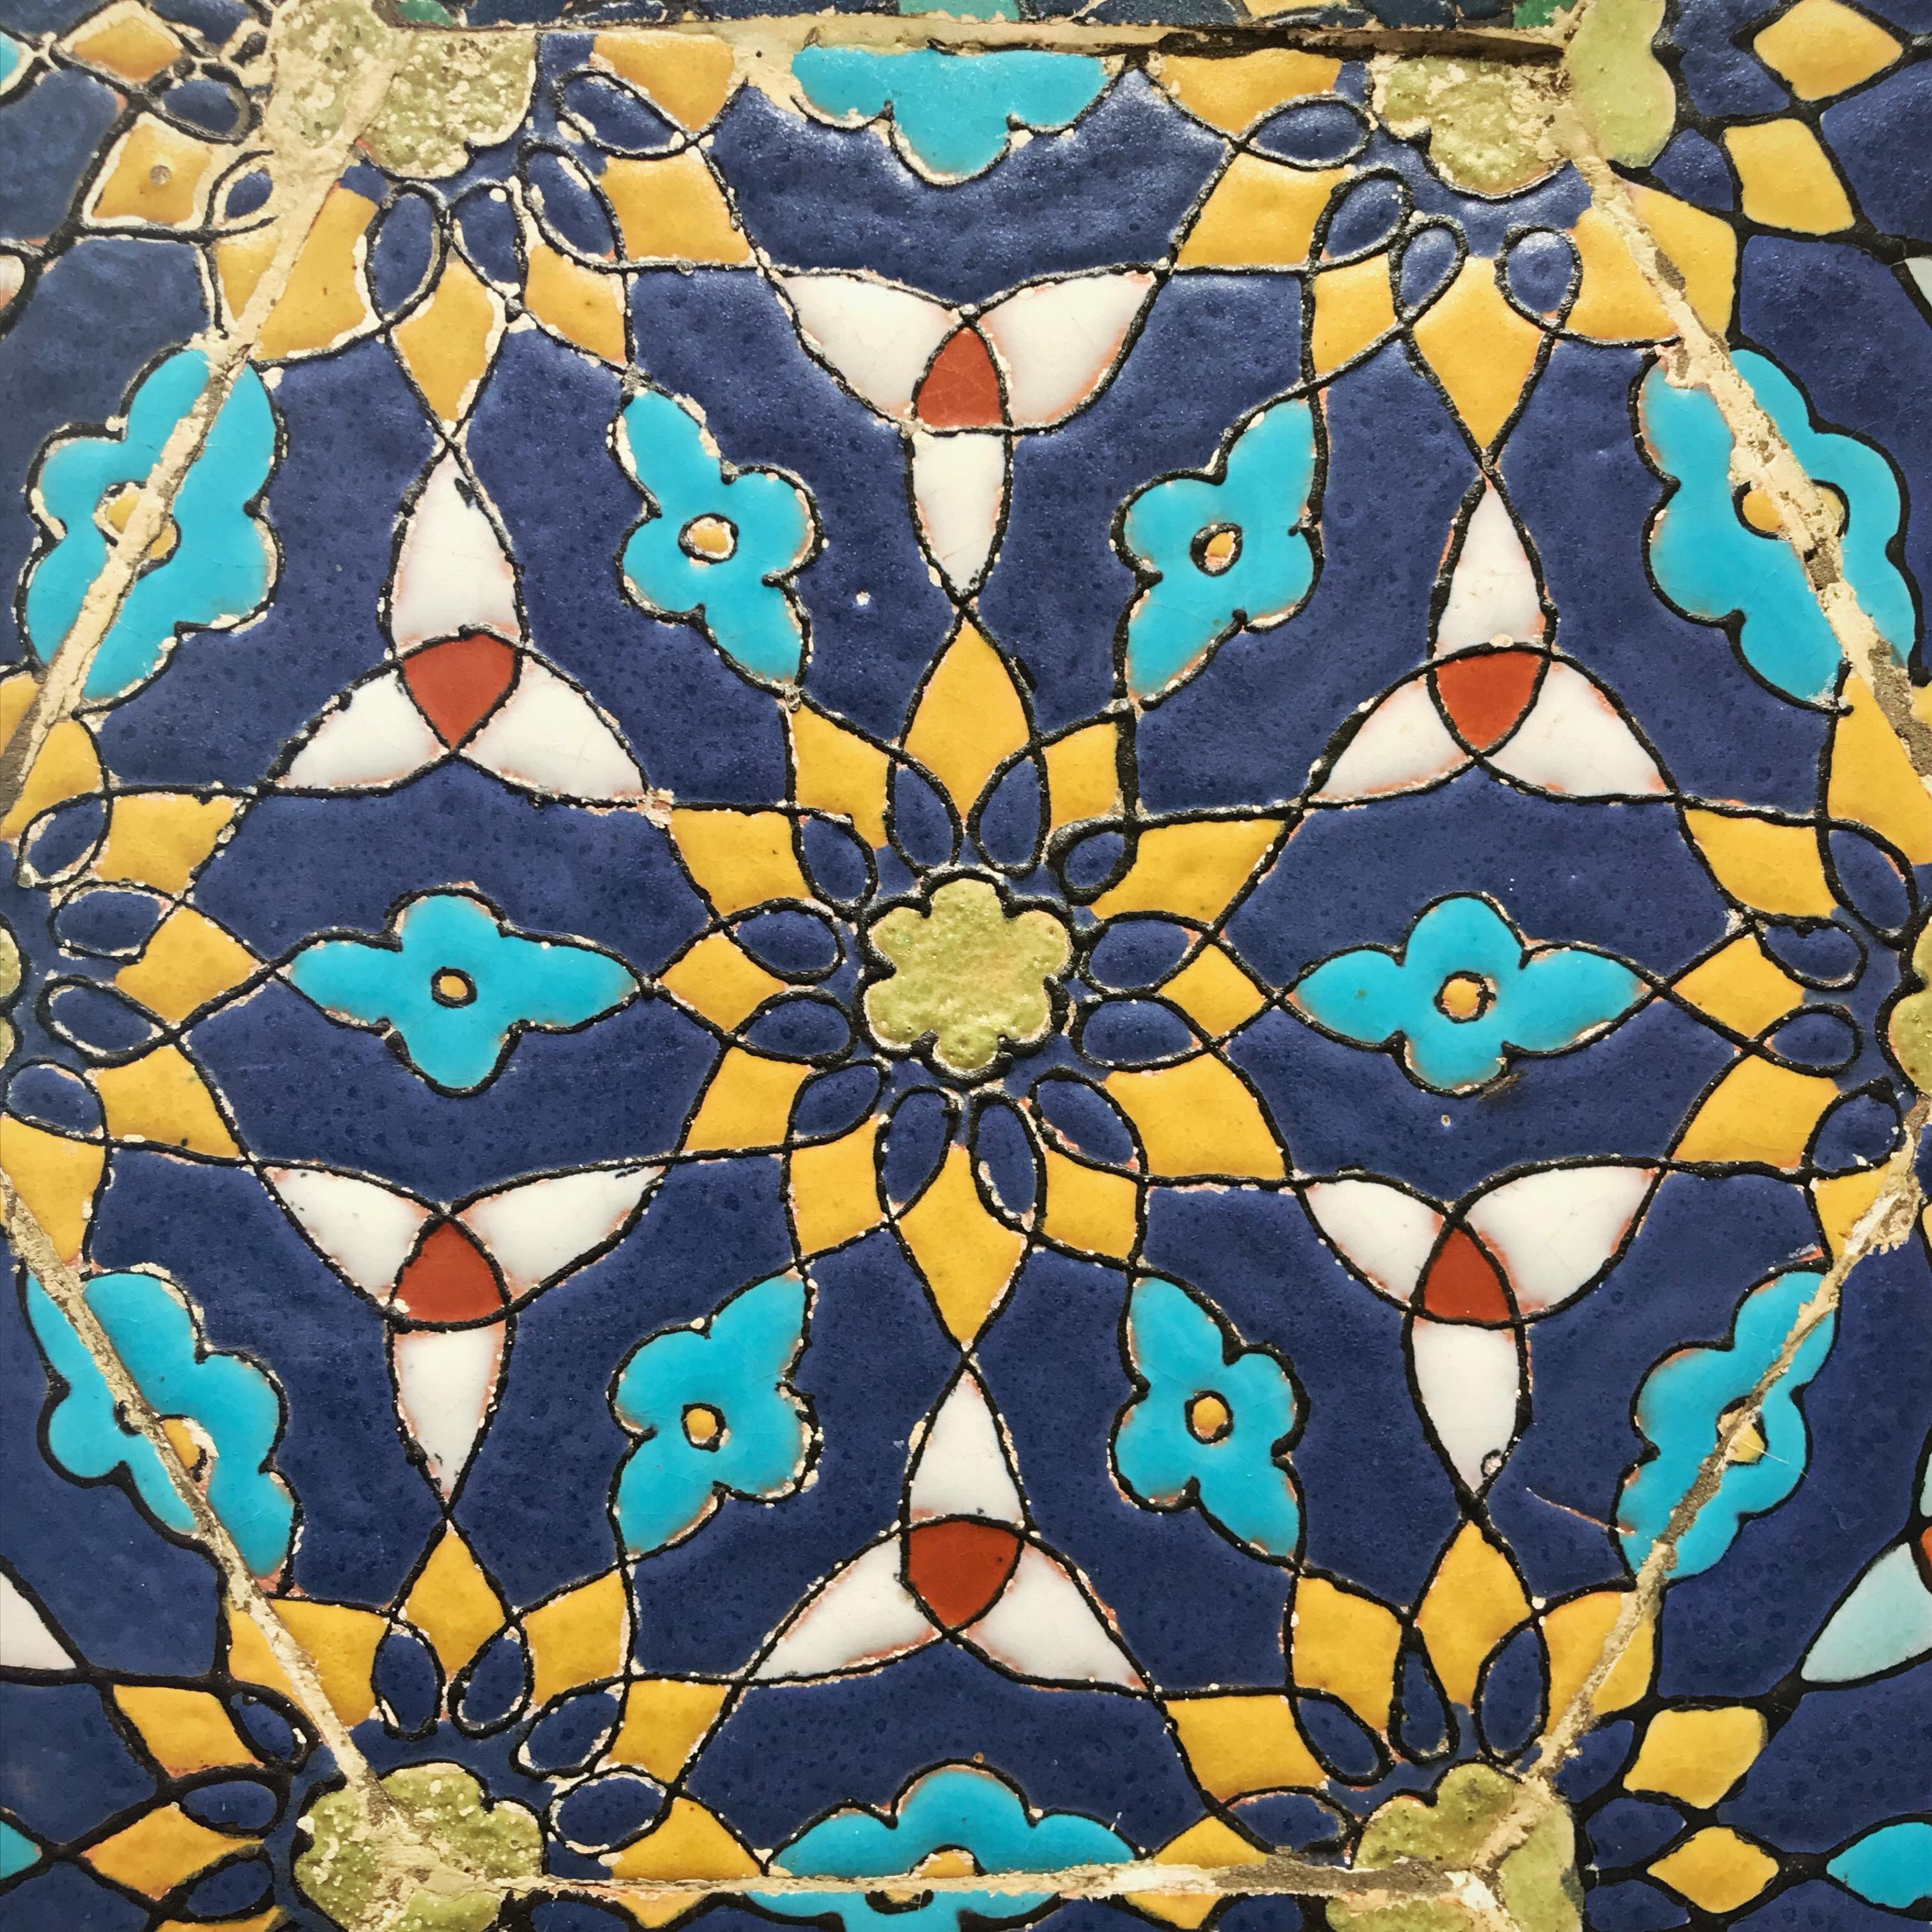 Usbekistan kscheib Kachel 12